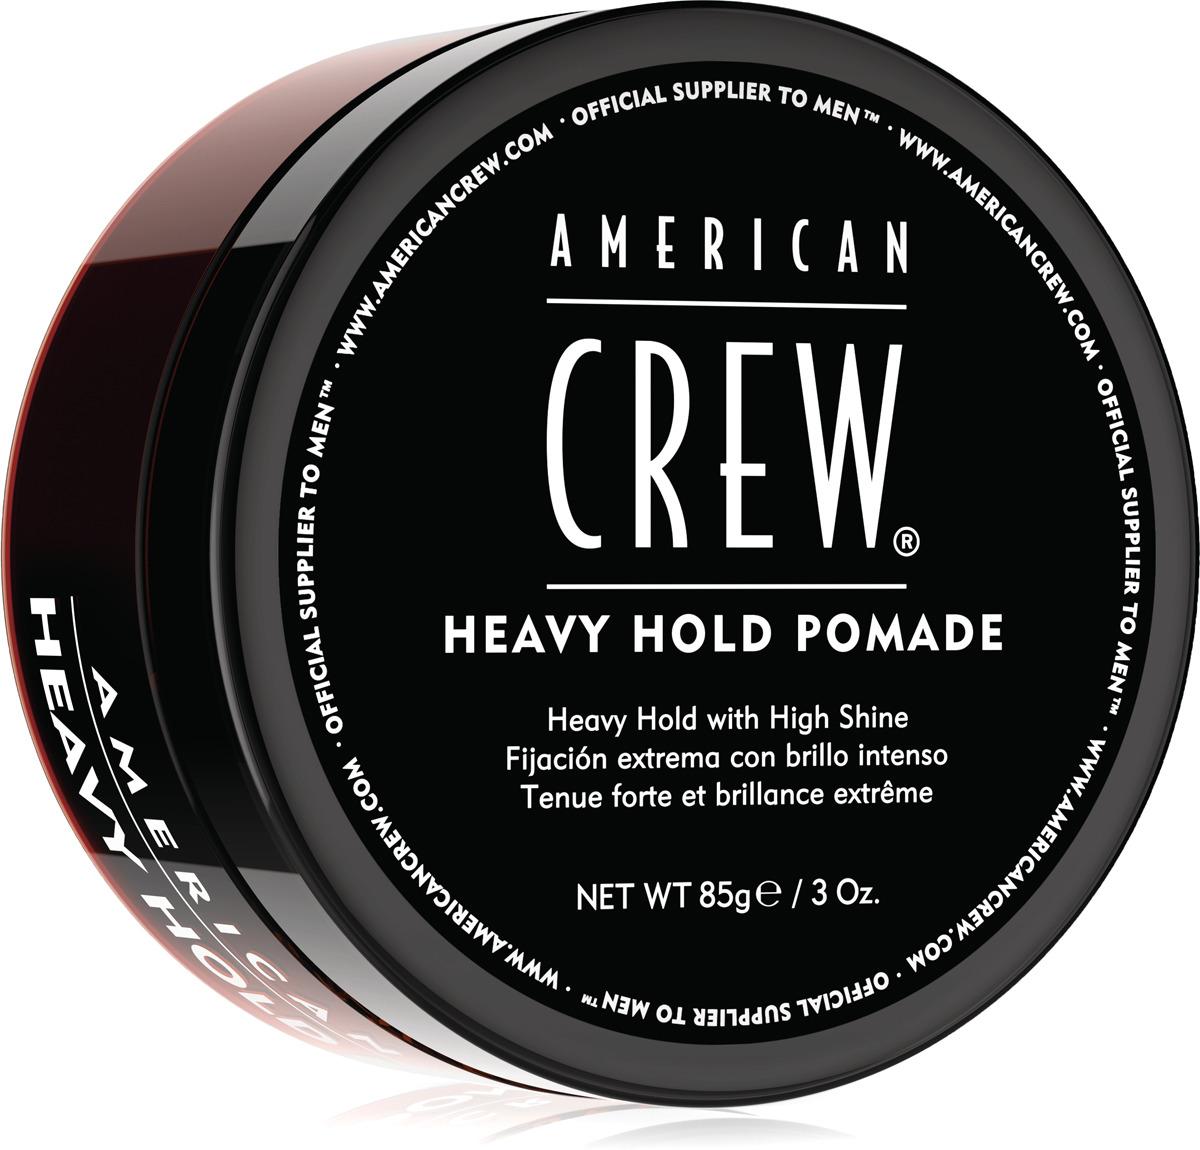 цена на Помада для укладки волос American Crew Heavy Hold Pomade, с сильной фиксацией и высоким уровнем блеска, 85 г